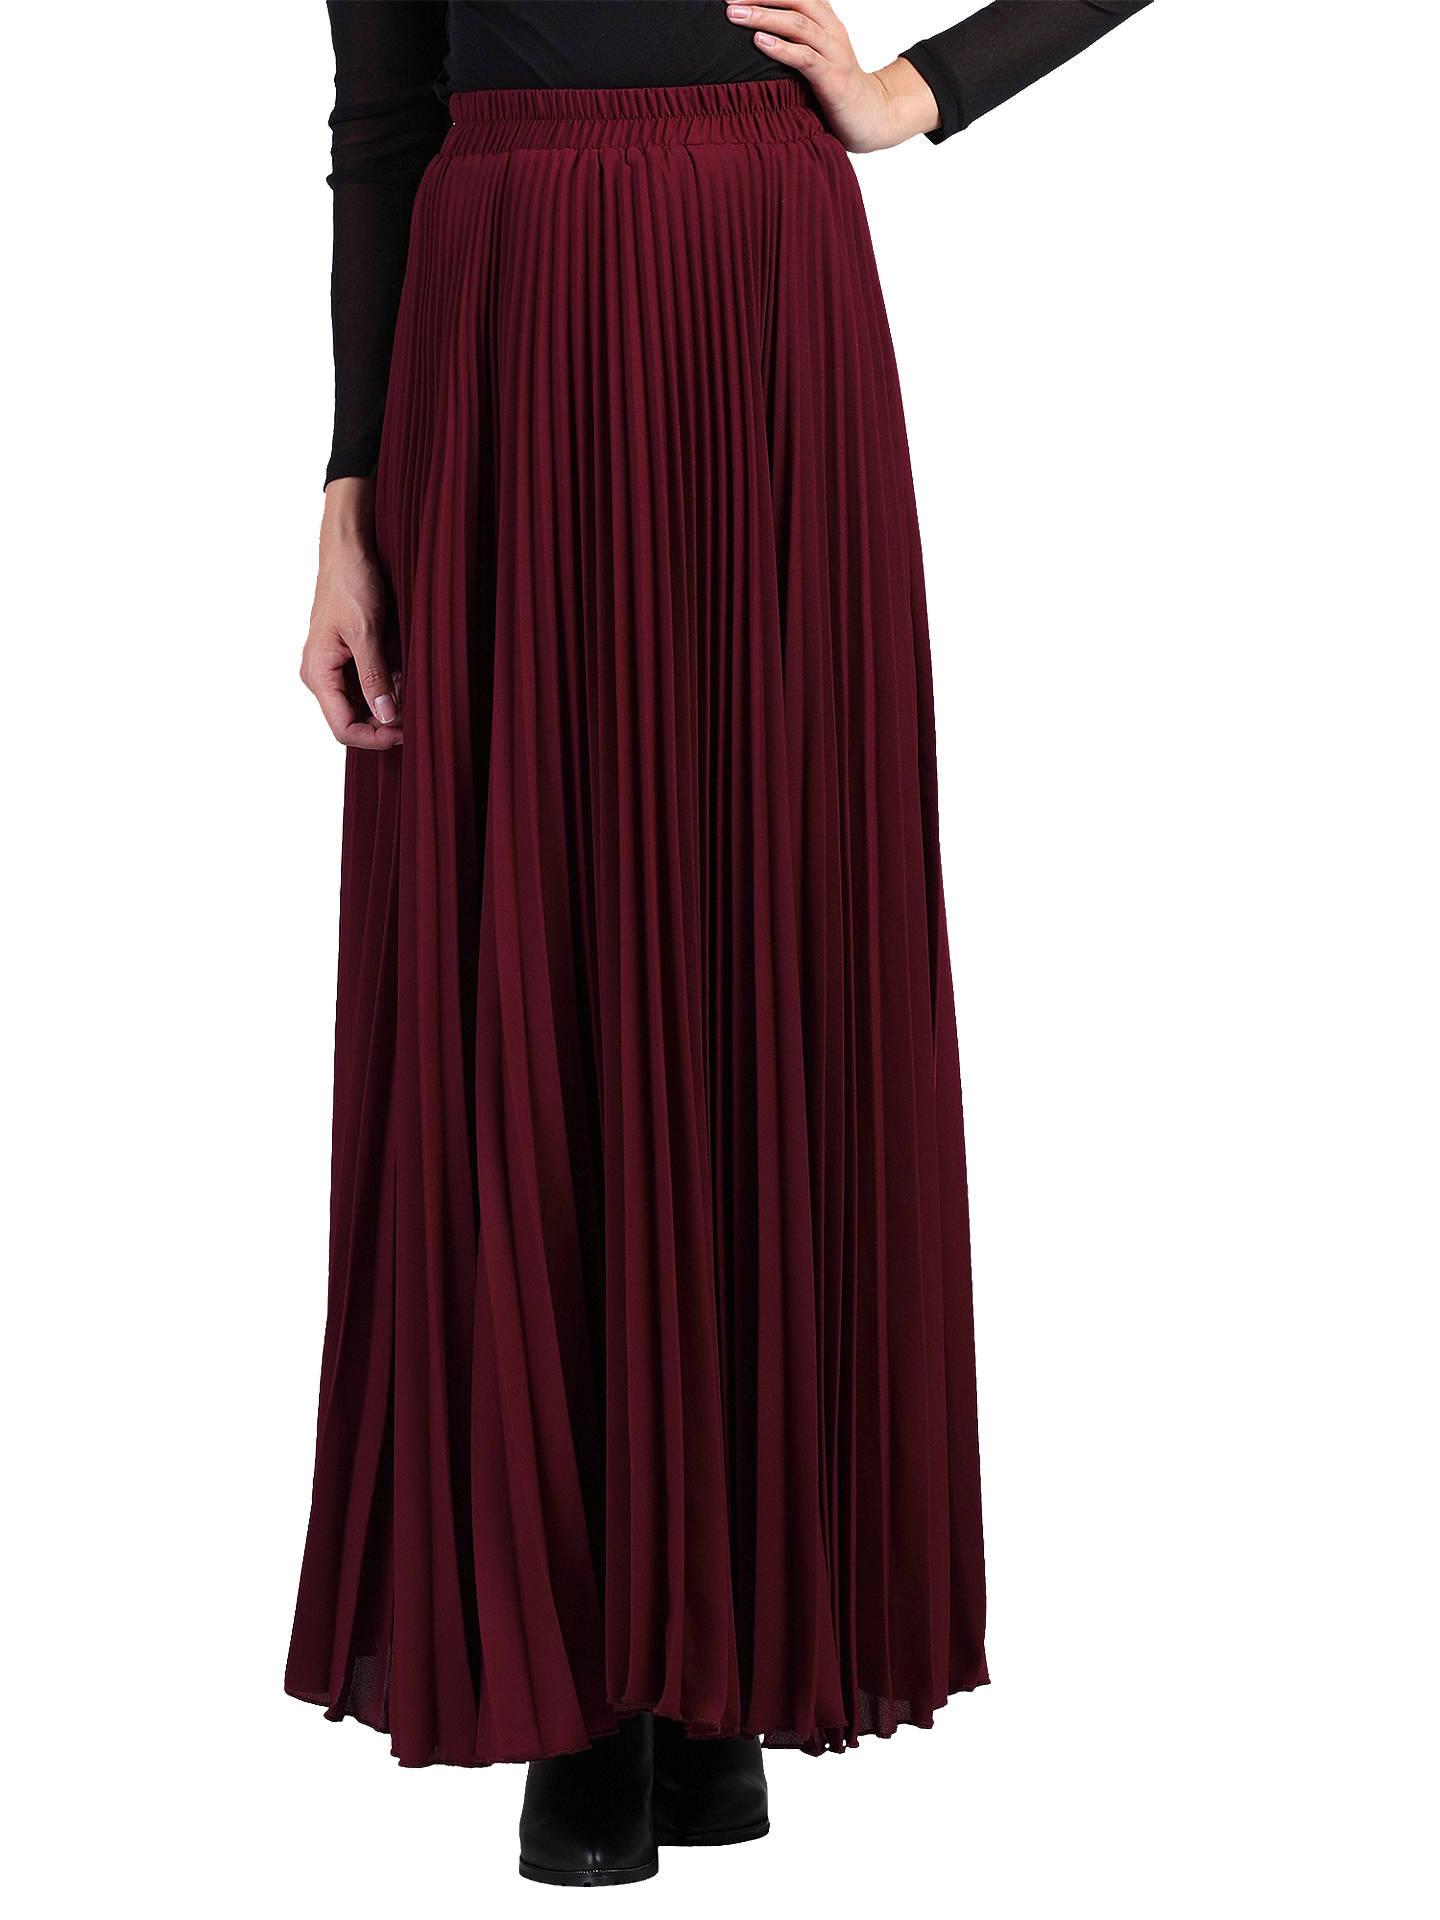 c71fdabe21 Buy Jolie Moi Pleated Crepe Maxi Skirt, Burgundy, 8 Online at johnlewis.com  ...